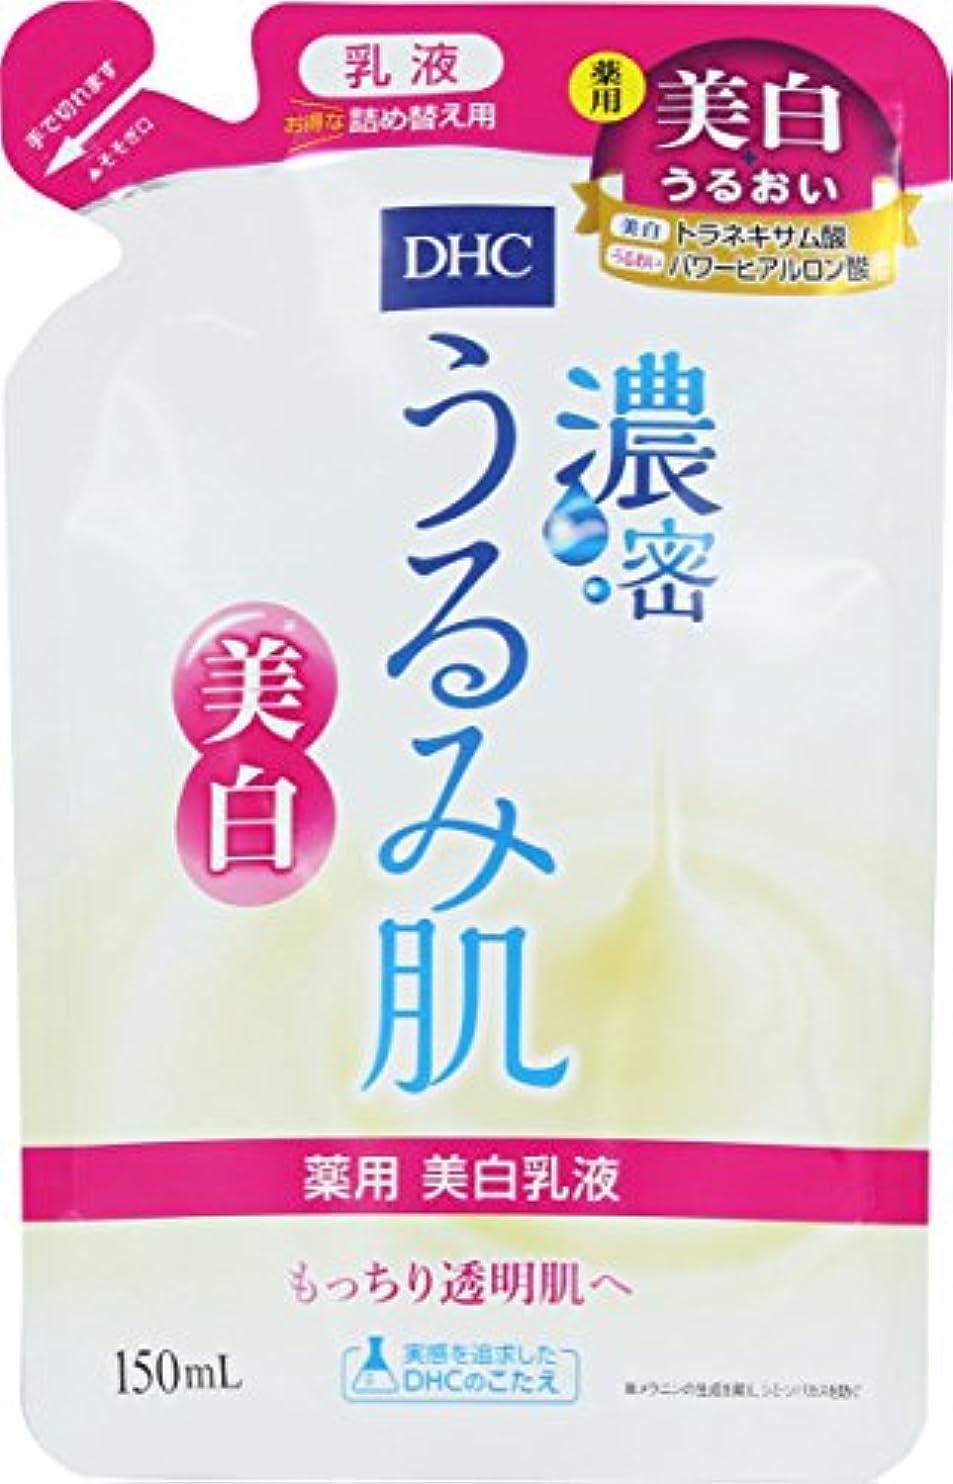 新しさハードウェアプラカードDHC 濃密うるみ肌 薬用美白乳液 詰め替え 150ML(医薬部外品)